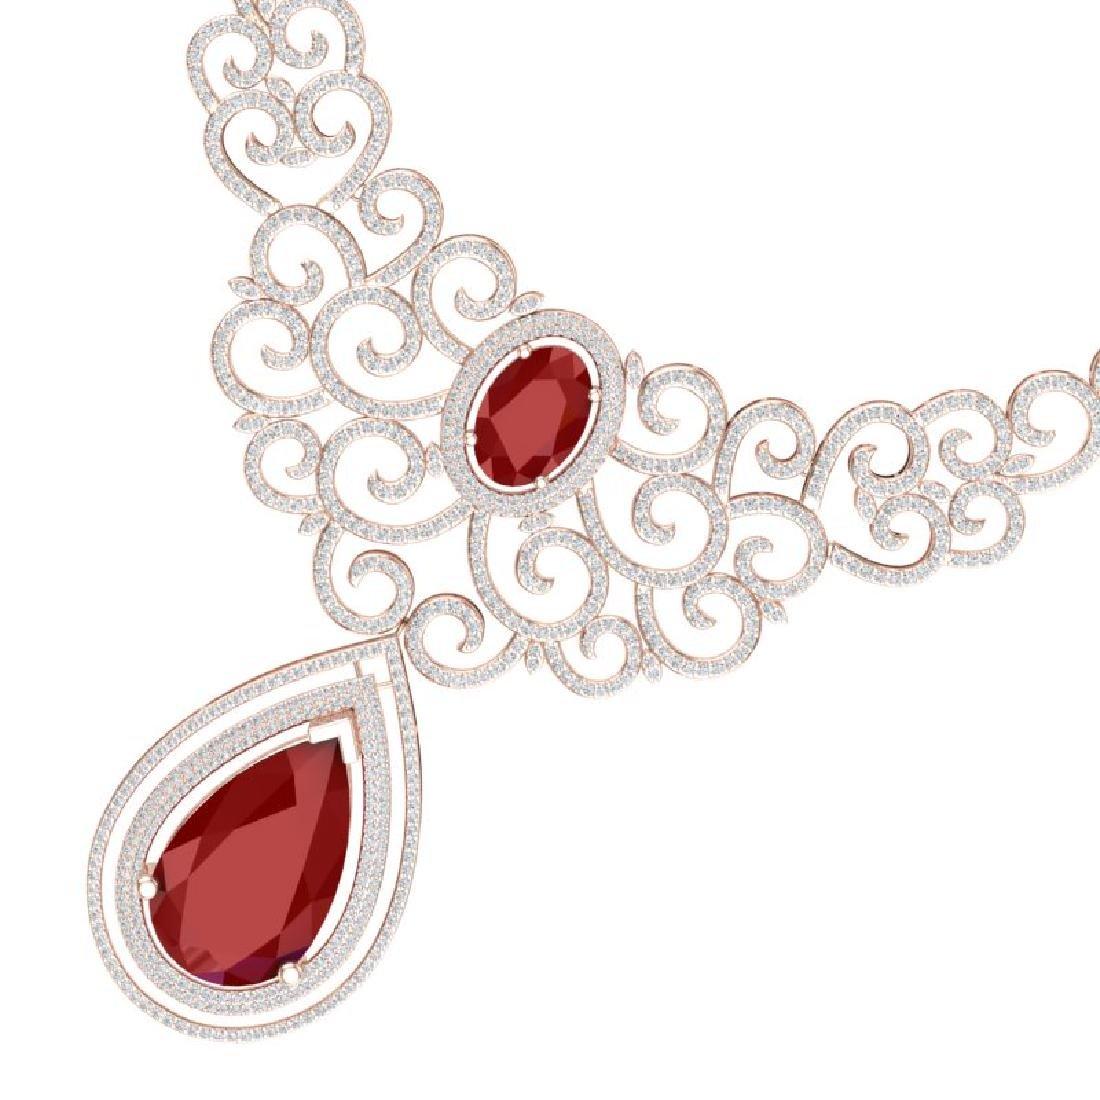 87.52 CTW Royalty Ruby & VS Diamond Necklace 18K Rose